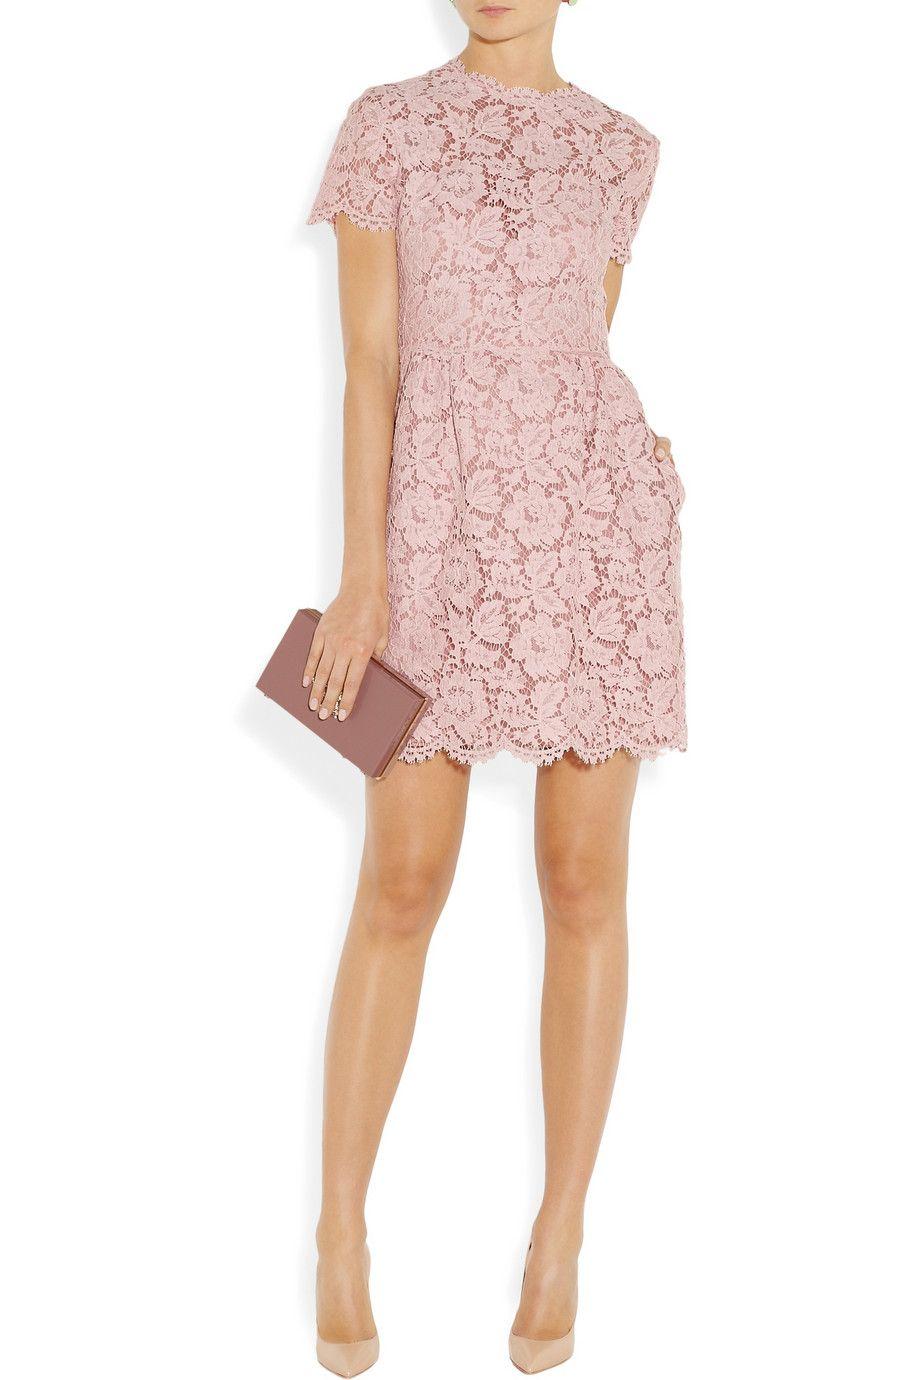 Valentino Spitzen Minikleid Aus Einer Baumwollmischung Net A Porter Com Kleider Minikleid Valentino